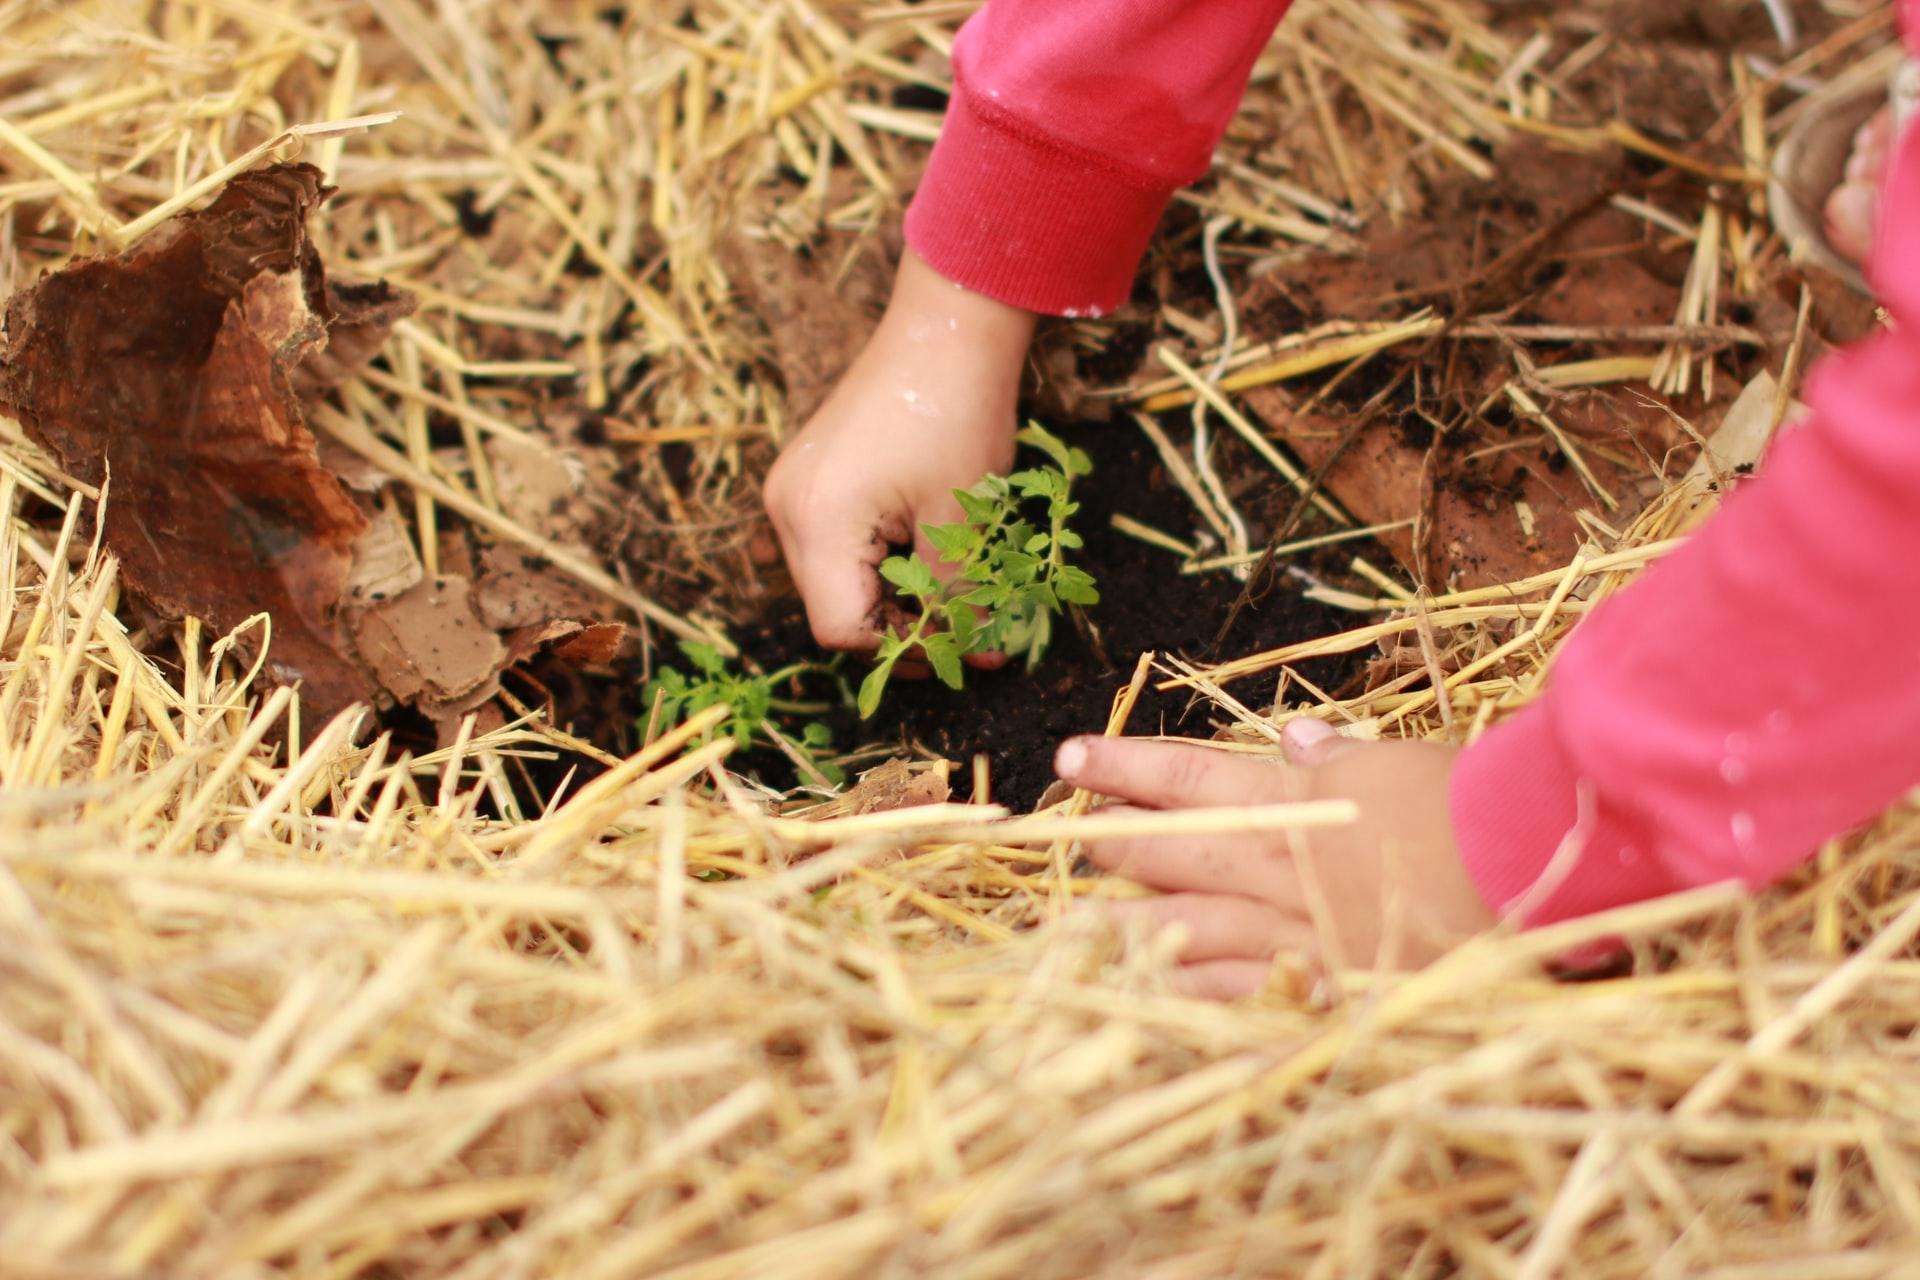 La sostenibilidad es una meta para lograr un mundo mejor.